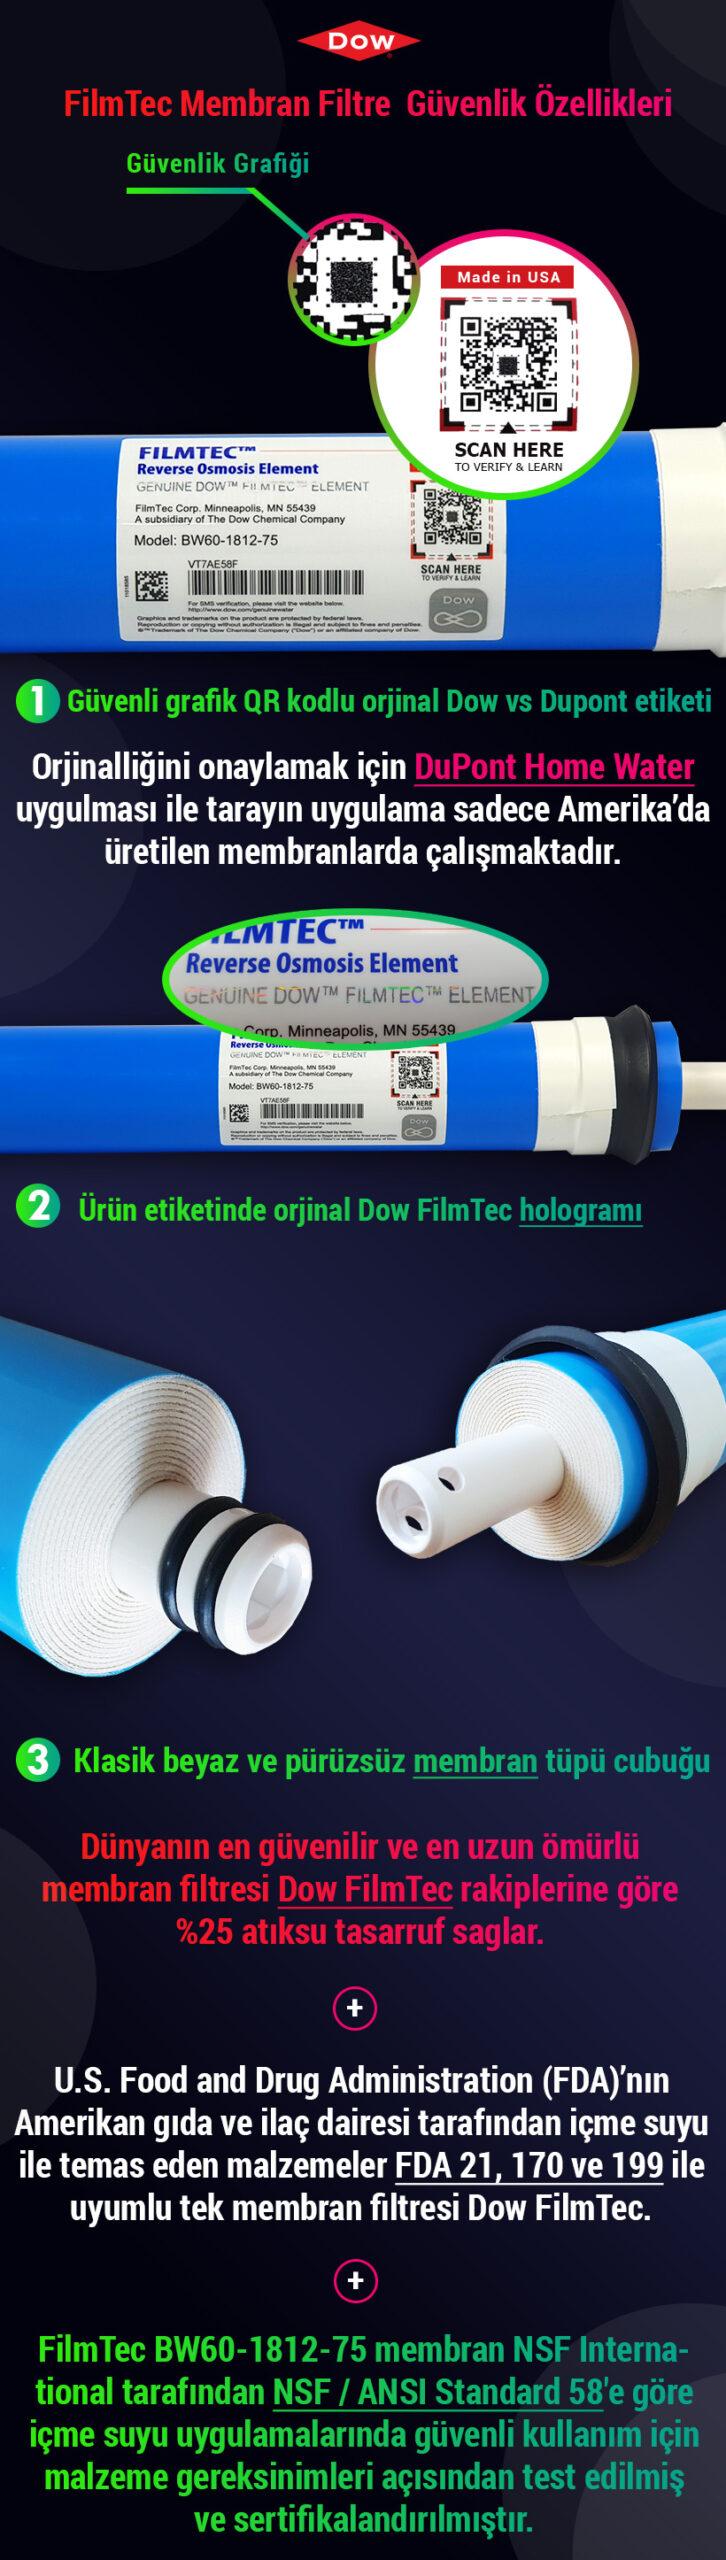 Dupont Dow Filmtec 75 Gpd Membran Filtreler